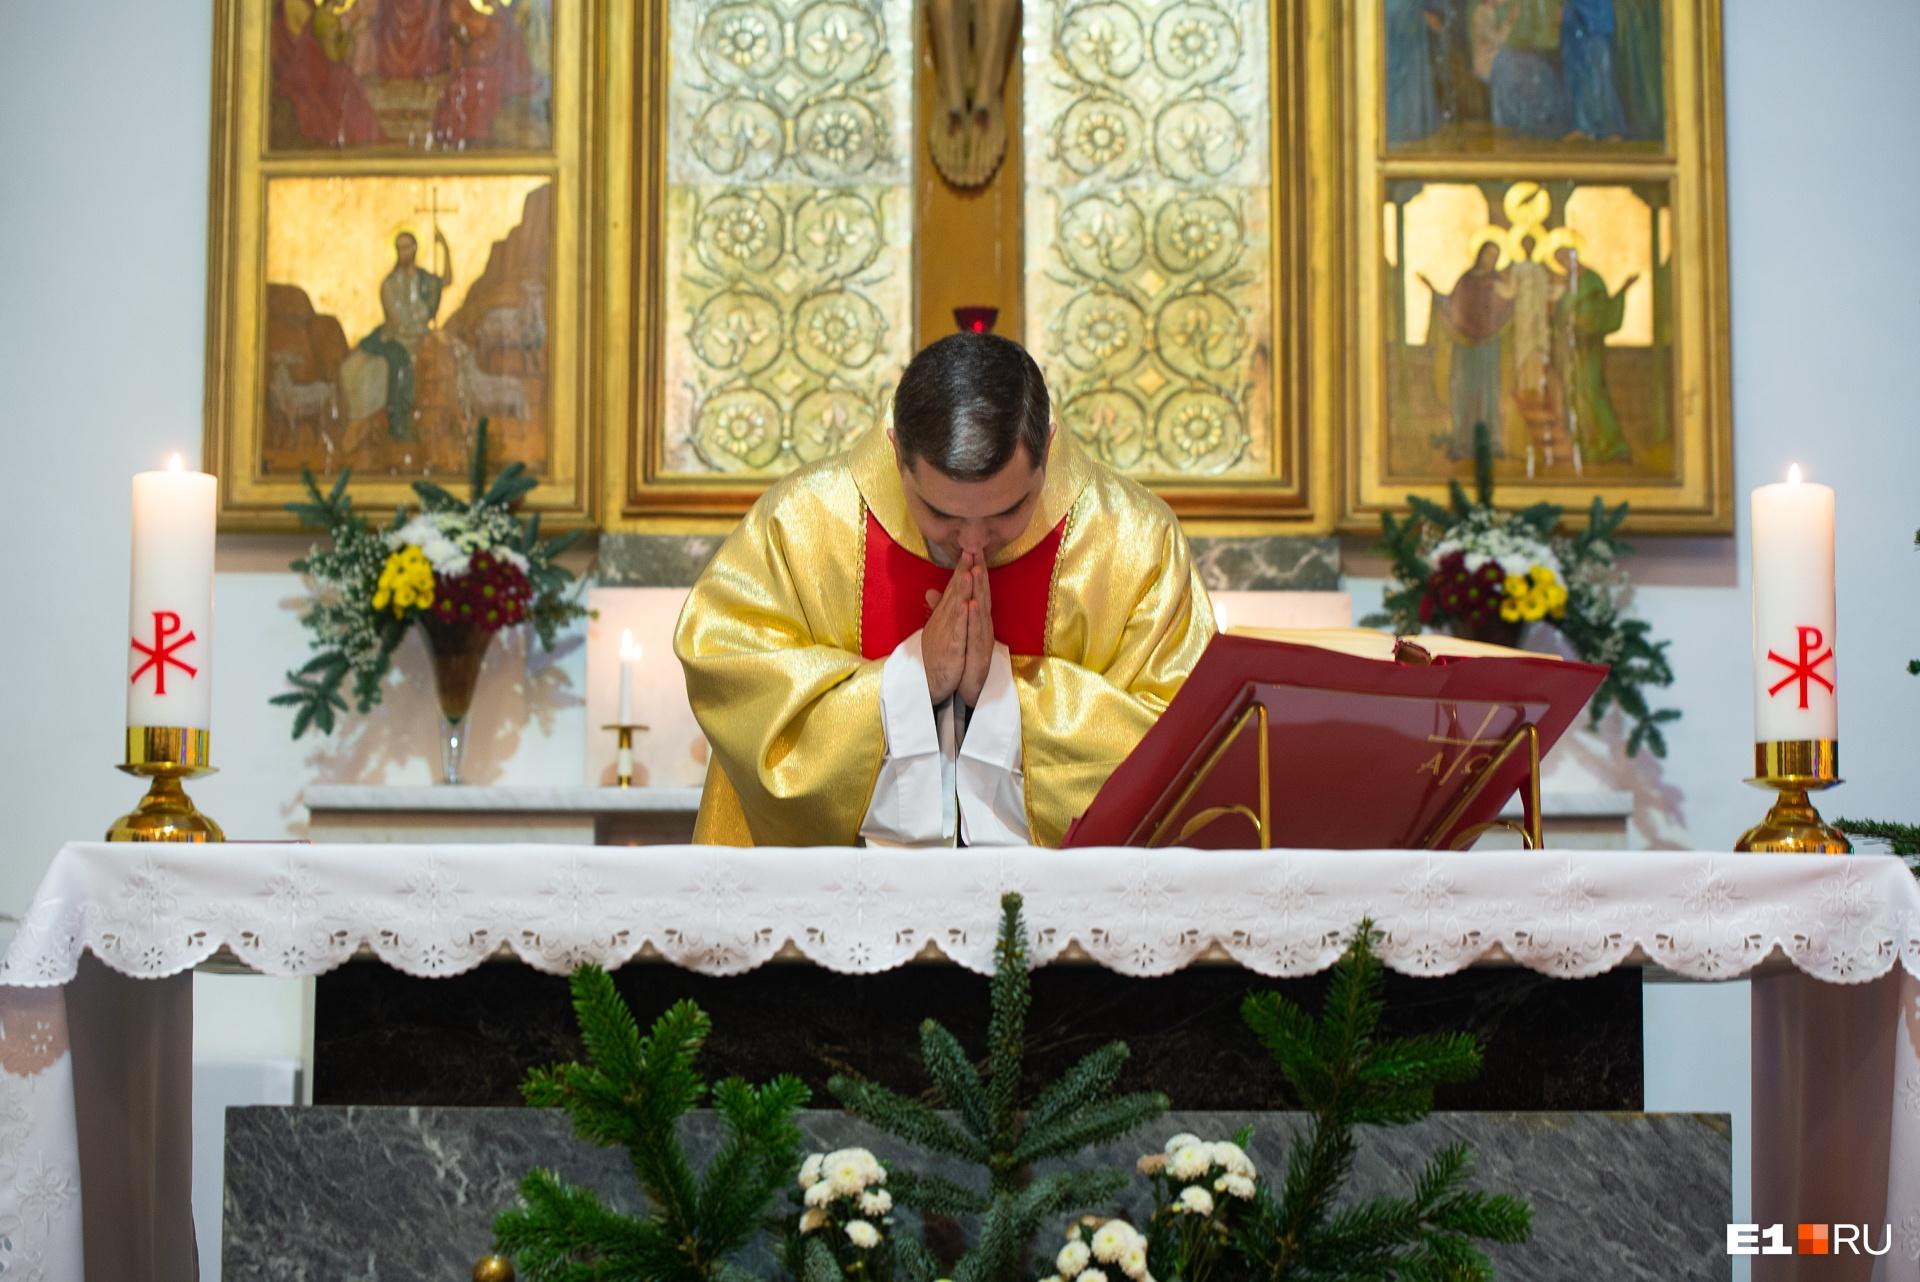 Он прочитал проповедь о значении родословной Иисуса